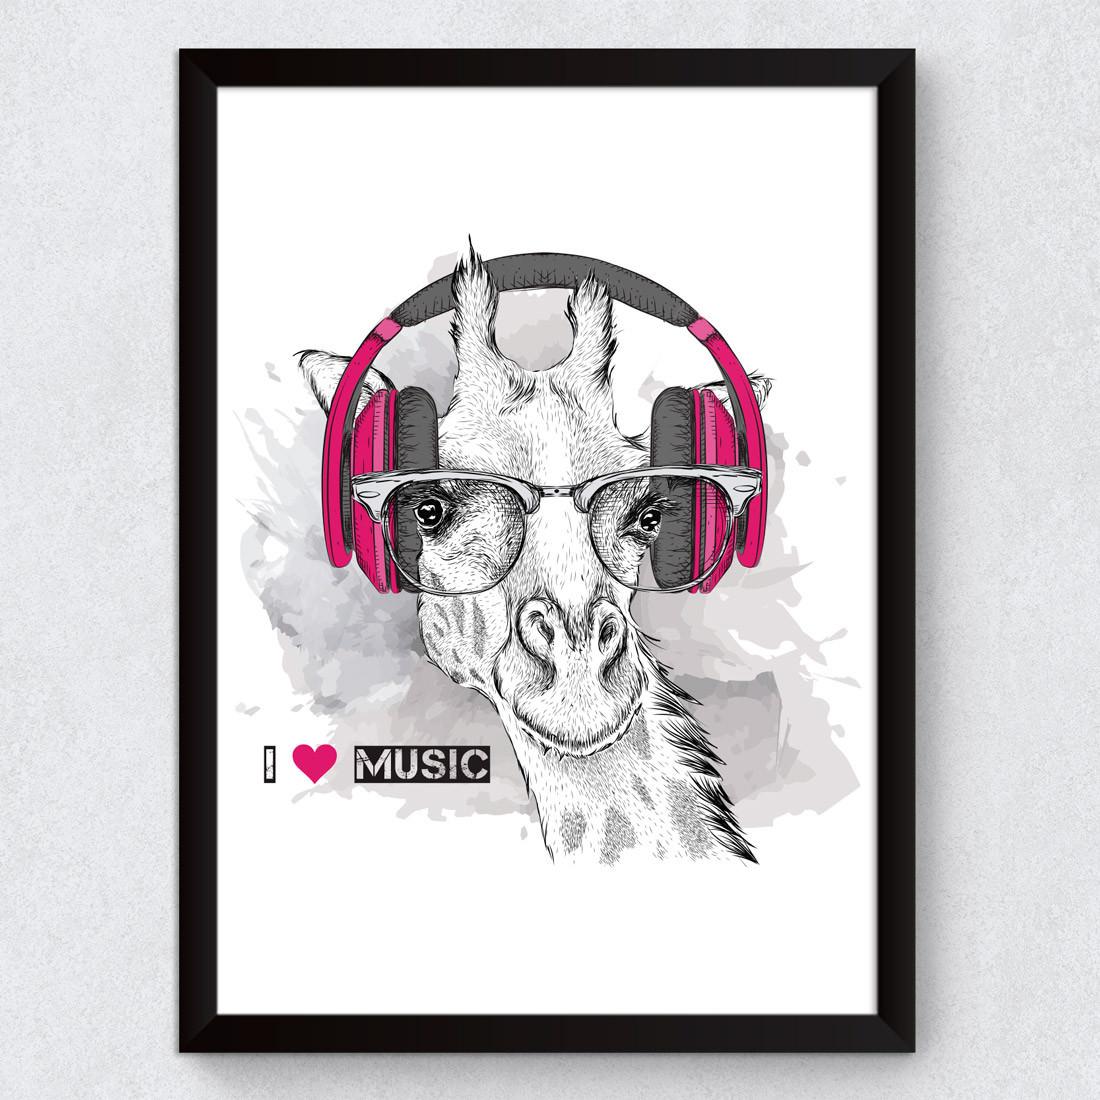 Quadro Decorativo Girafa Musica Fone